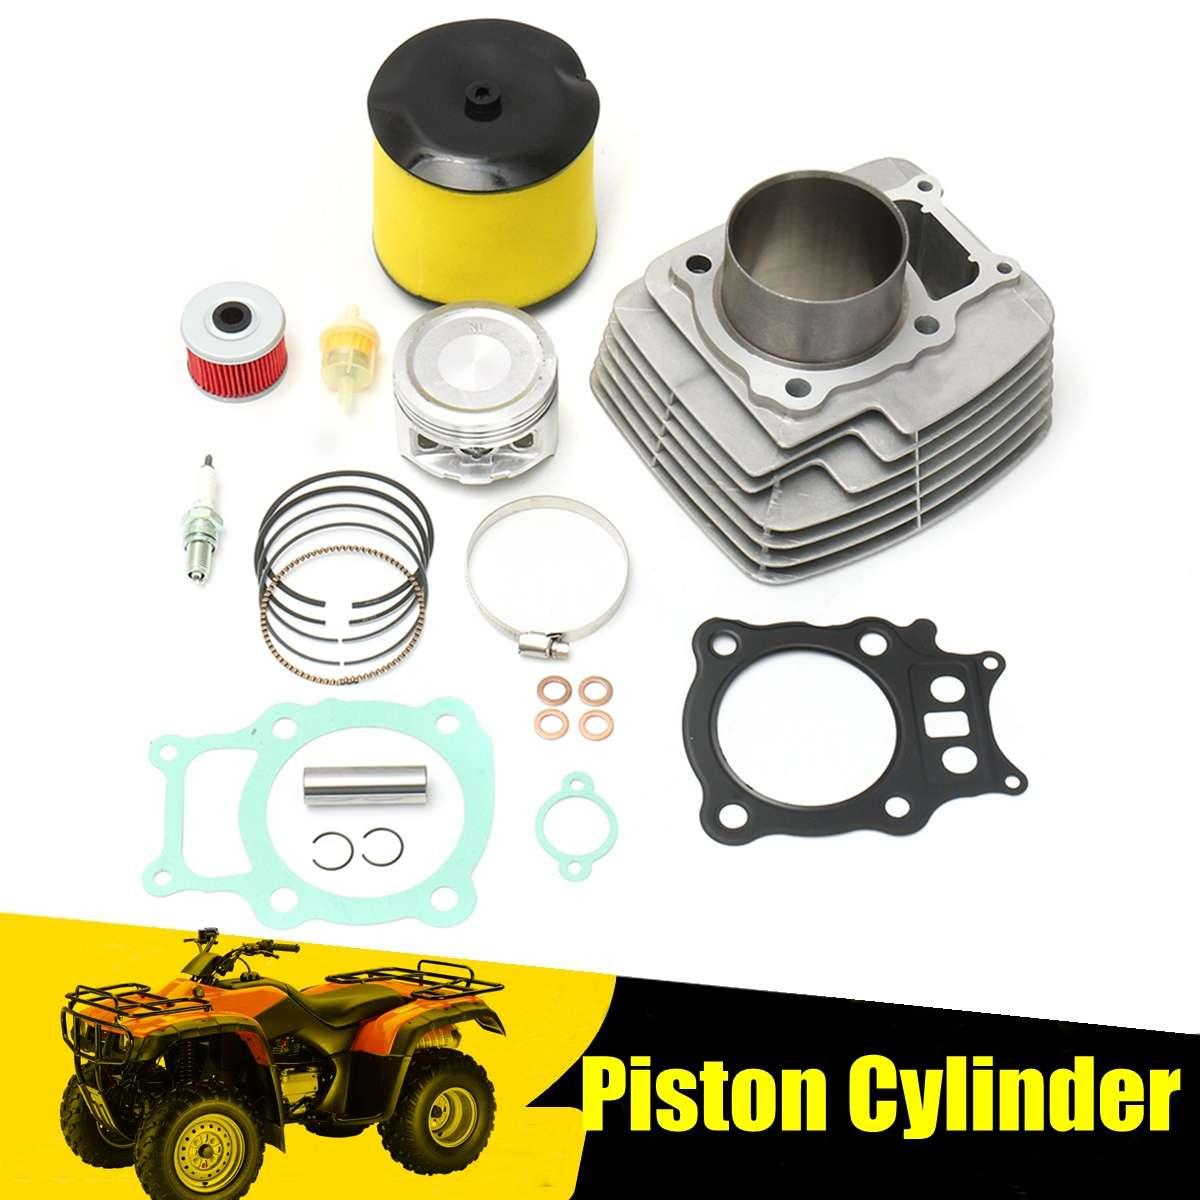 Cylinder Piston for Spark Plug Filter Gasket Rings For Honda Rancher TRX350 for TRX 350 2000